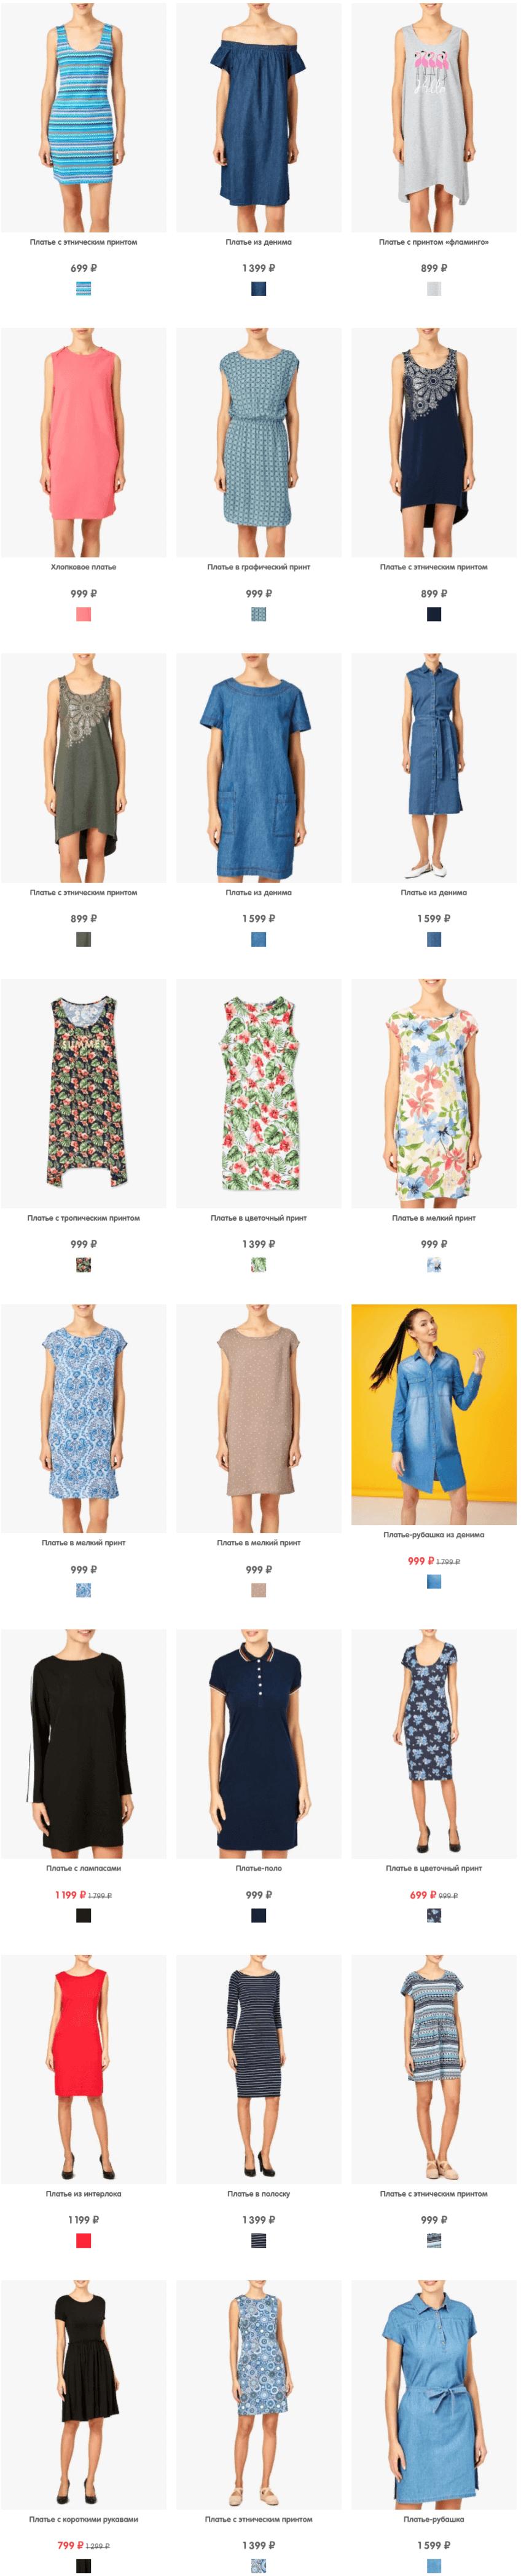 00 - Купить Женские платья в интернет-магазине одежды Funday